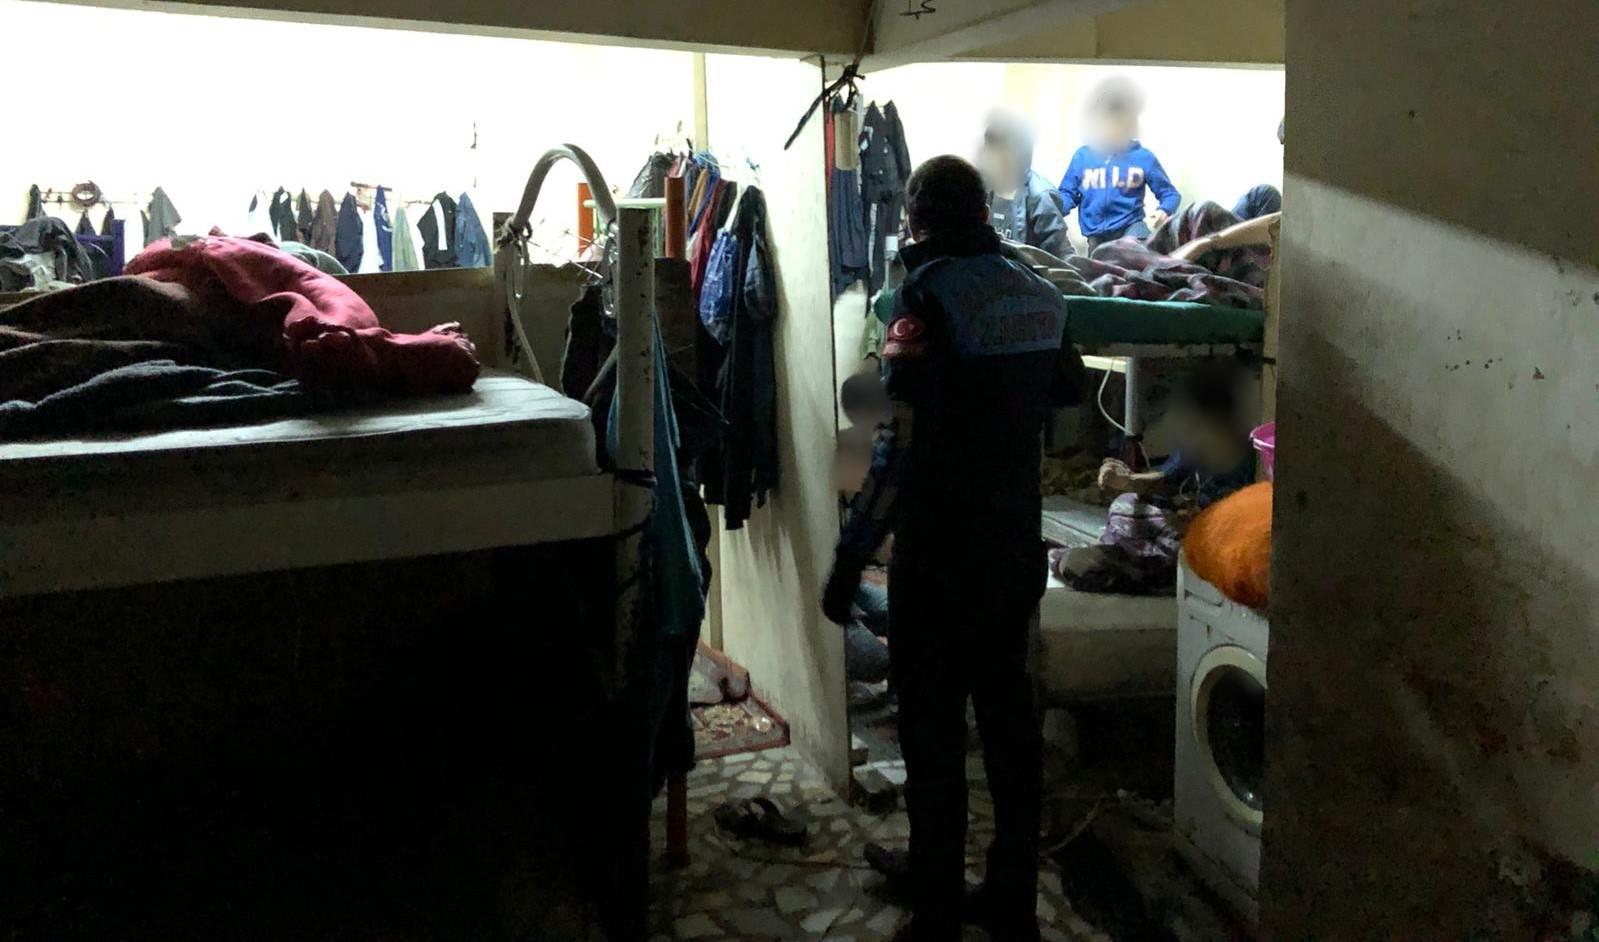 Suriye'den getirdikleri kimsesiz çocukları İstanbul'da dilendiren çeteye operasyon